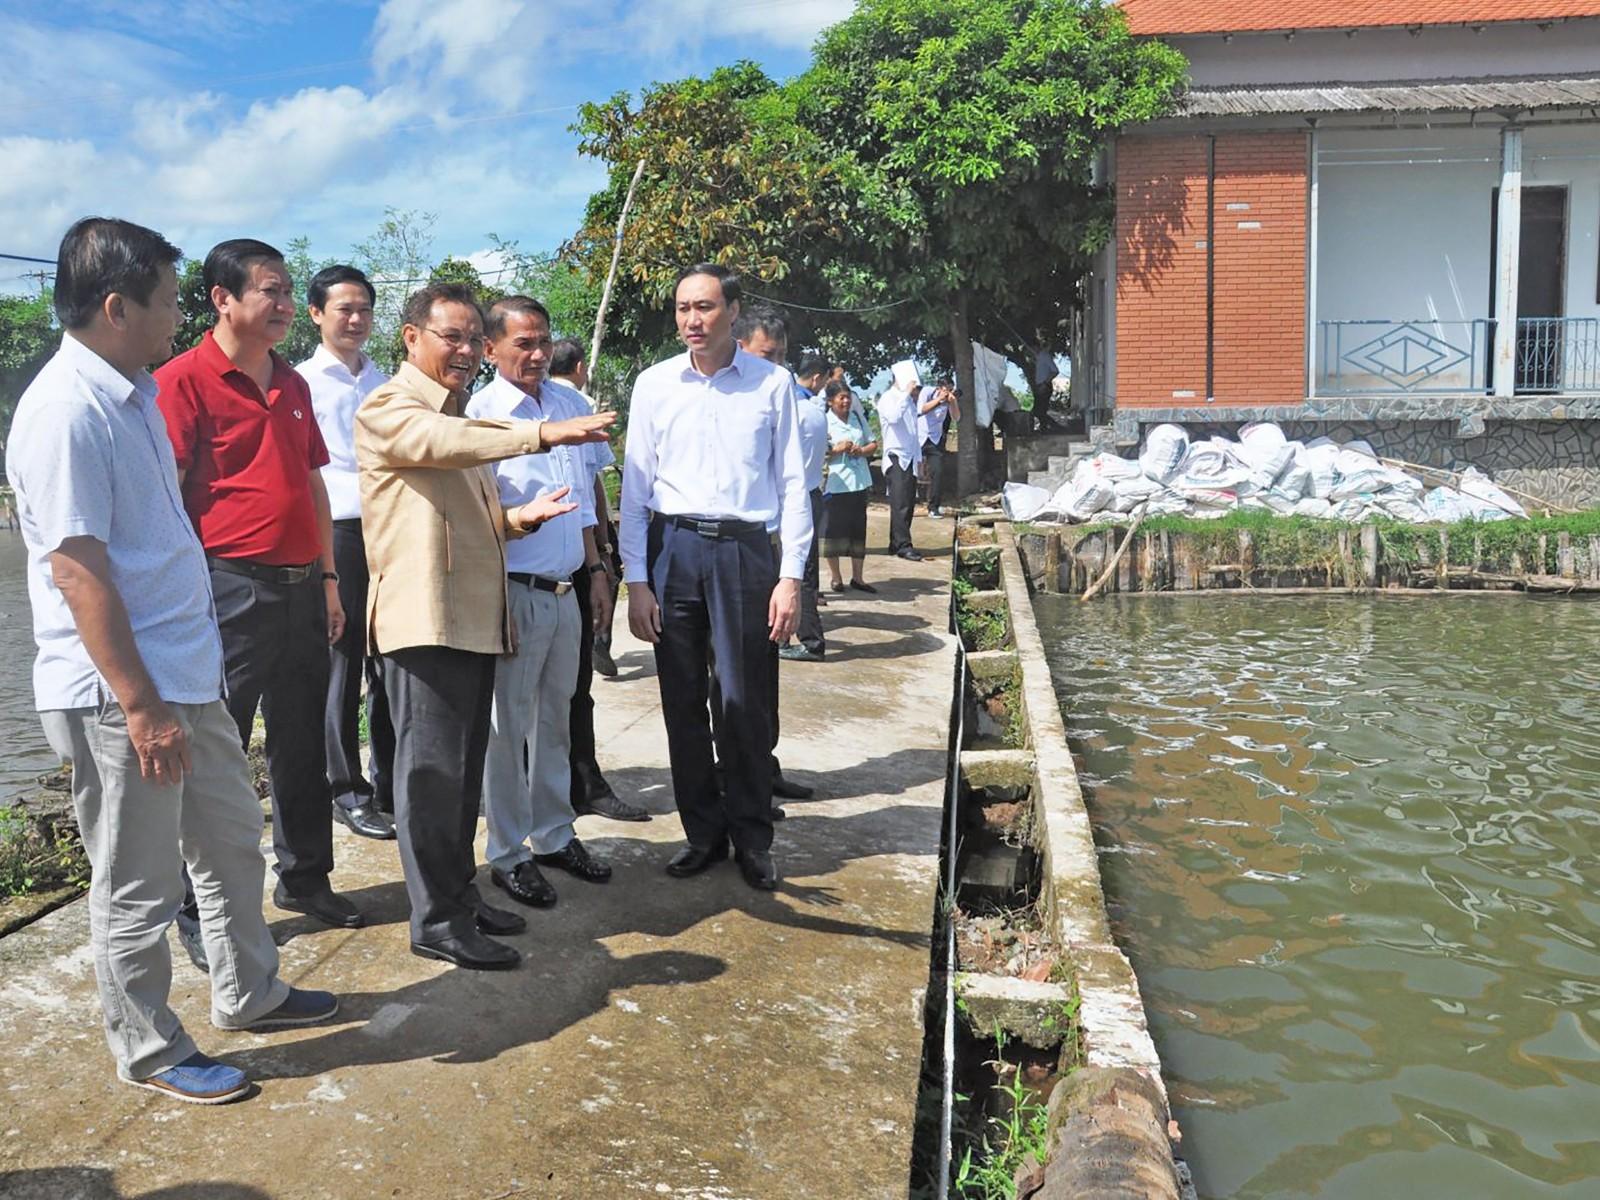 Đồng chí Xay-xổm-phon Phôm-vi-hản (thứ 3 bên trái sang) tham quan mô hình nuôi cá tra của Công ty TNHH Công nghiệp thủy sản miền Nam.